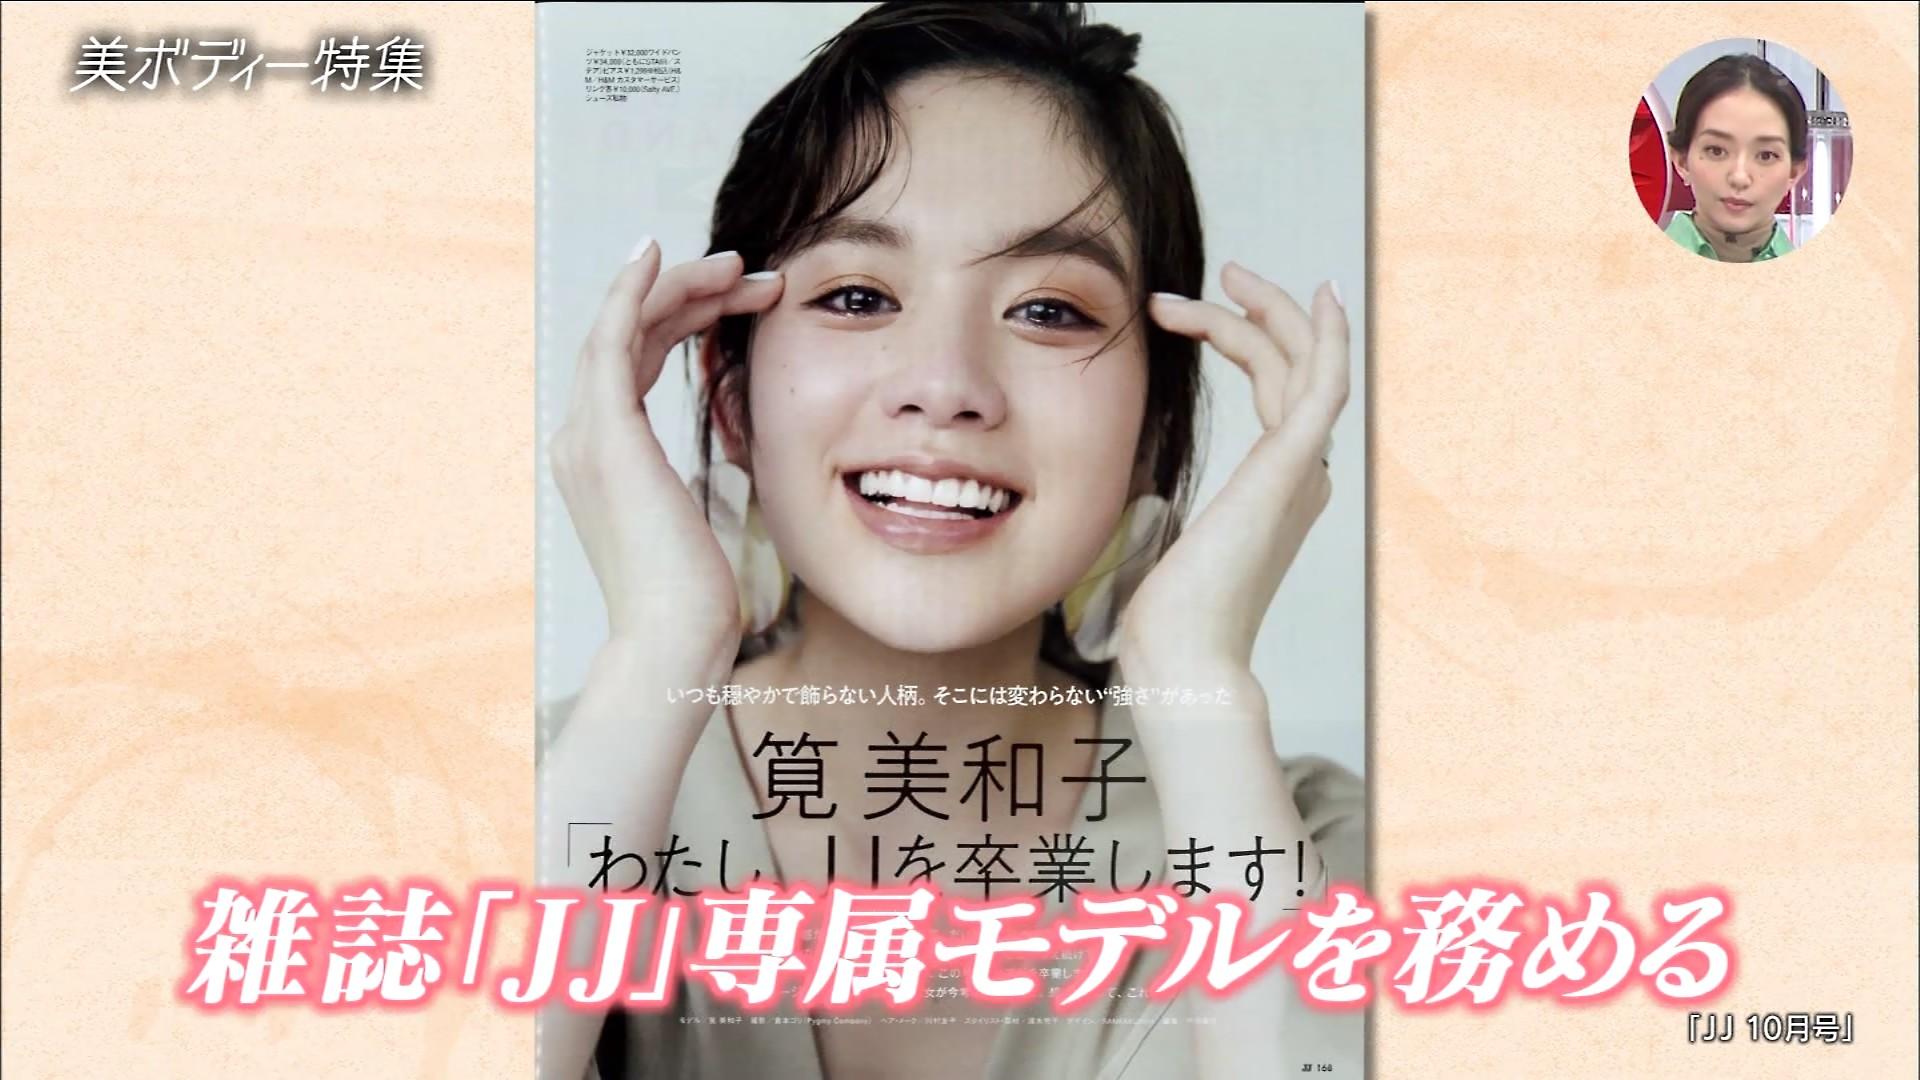 胸チラ_谷間_おっぱい_おしゃれイズム_03